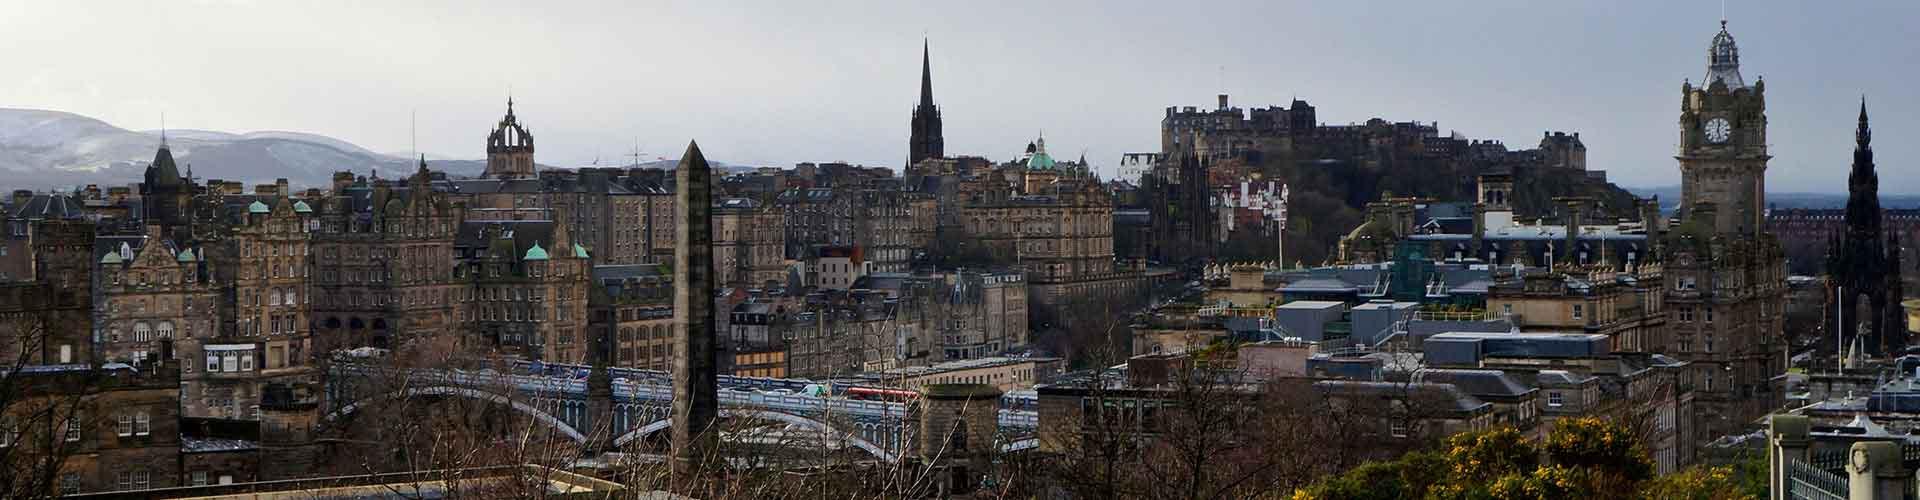 Edinburgh – Retkeily kaupungiosassa Dean. Edinburgh -karttoja, valokuvia ja arvosteluja kaikista Edinburgh -retkeilyalueista.